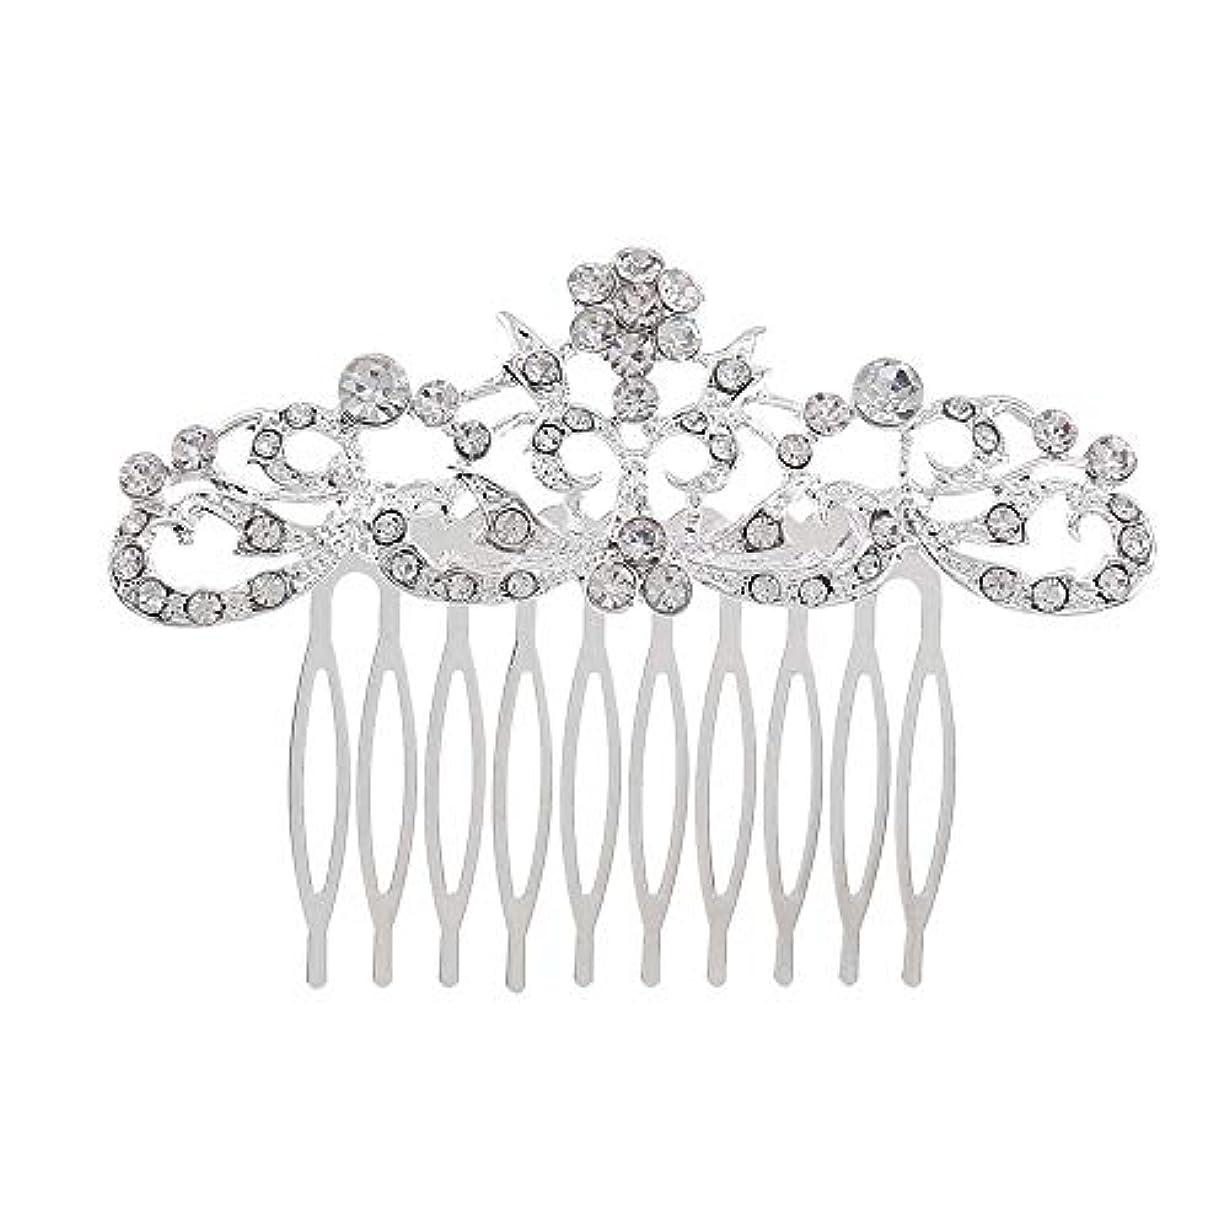 主導権スリム委任髪の櫛の櫛の櫛の花嫁の髪の櫛のファッションラインストーンの櫛の櫛の花嫁の頭飾りの結婚式のアクセサリー